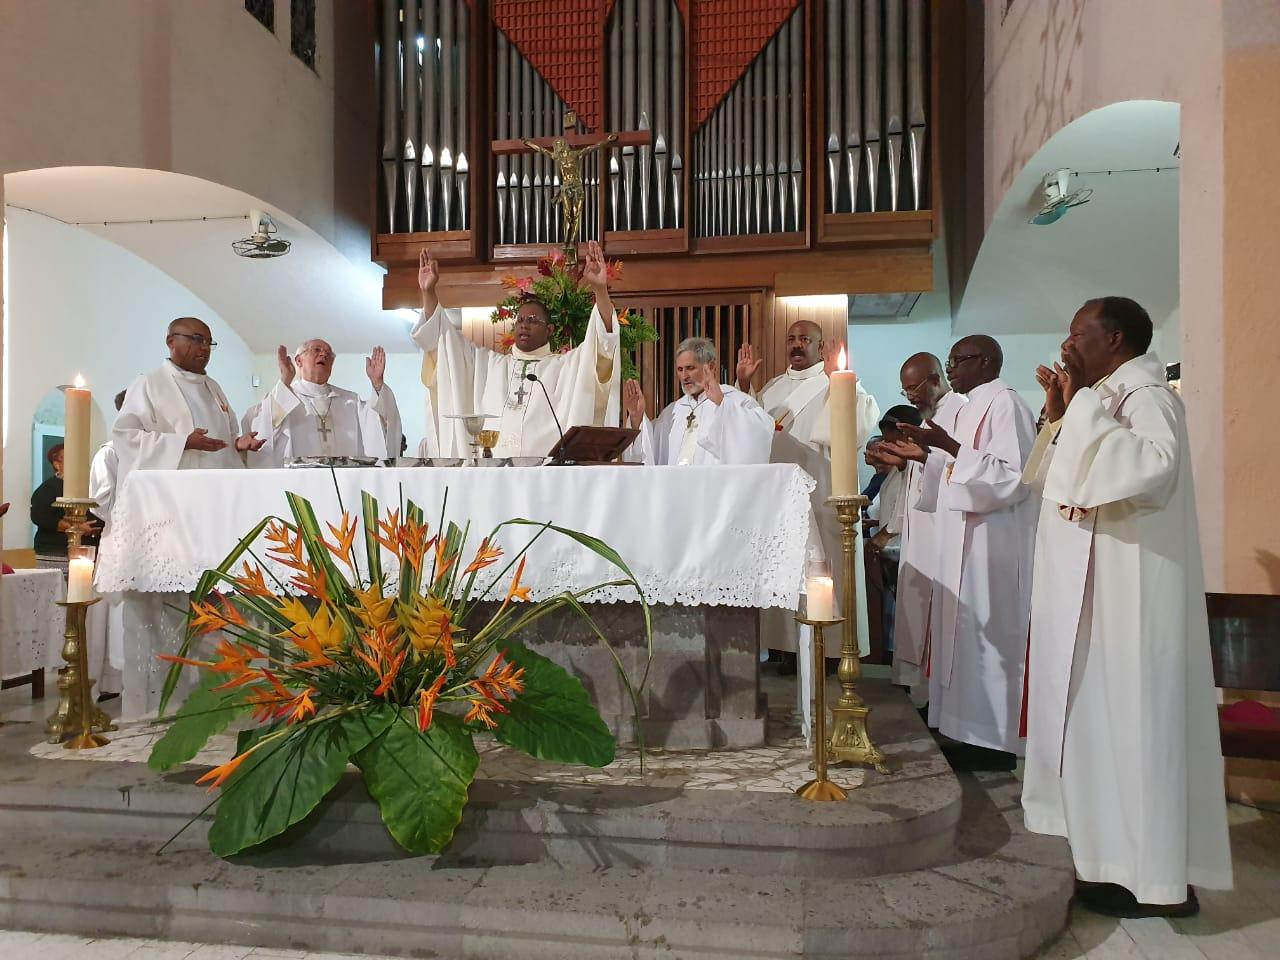 Messes : le Conseil d'Etat rejette le recours introduit par l'Eglise catholique